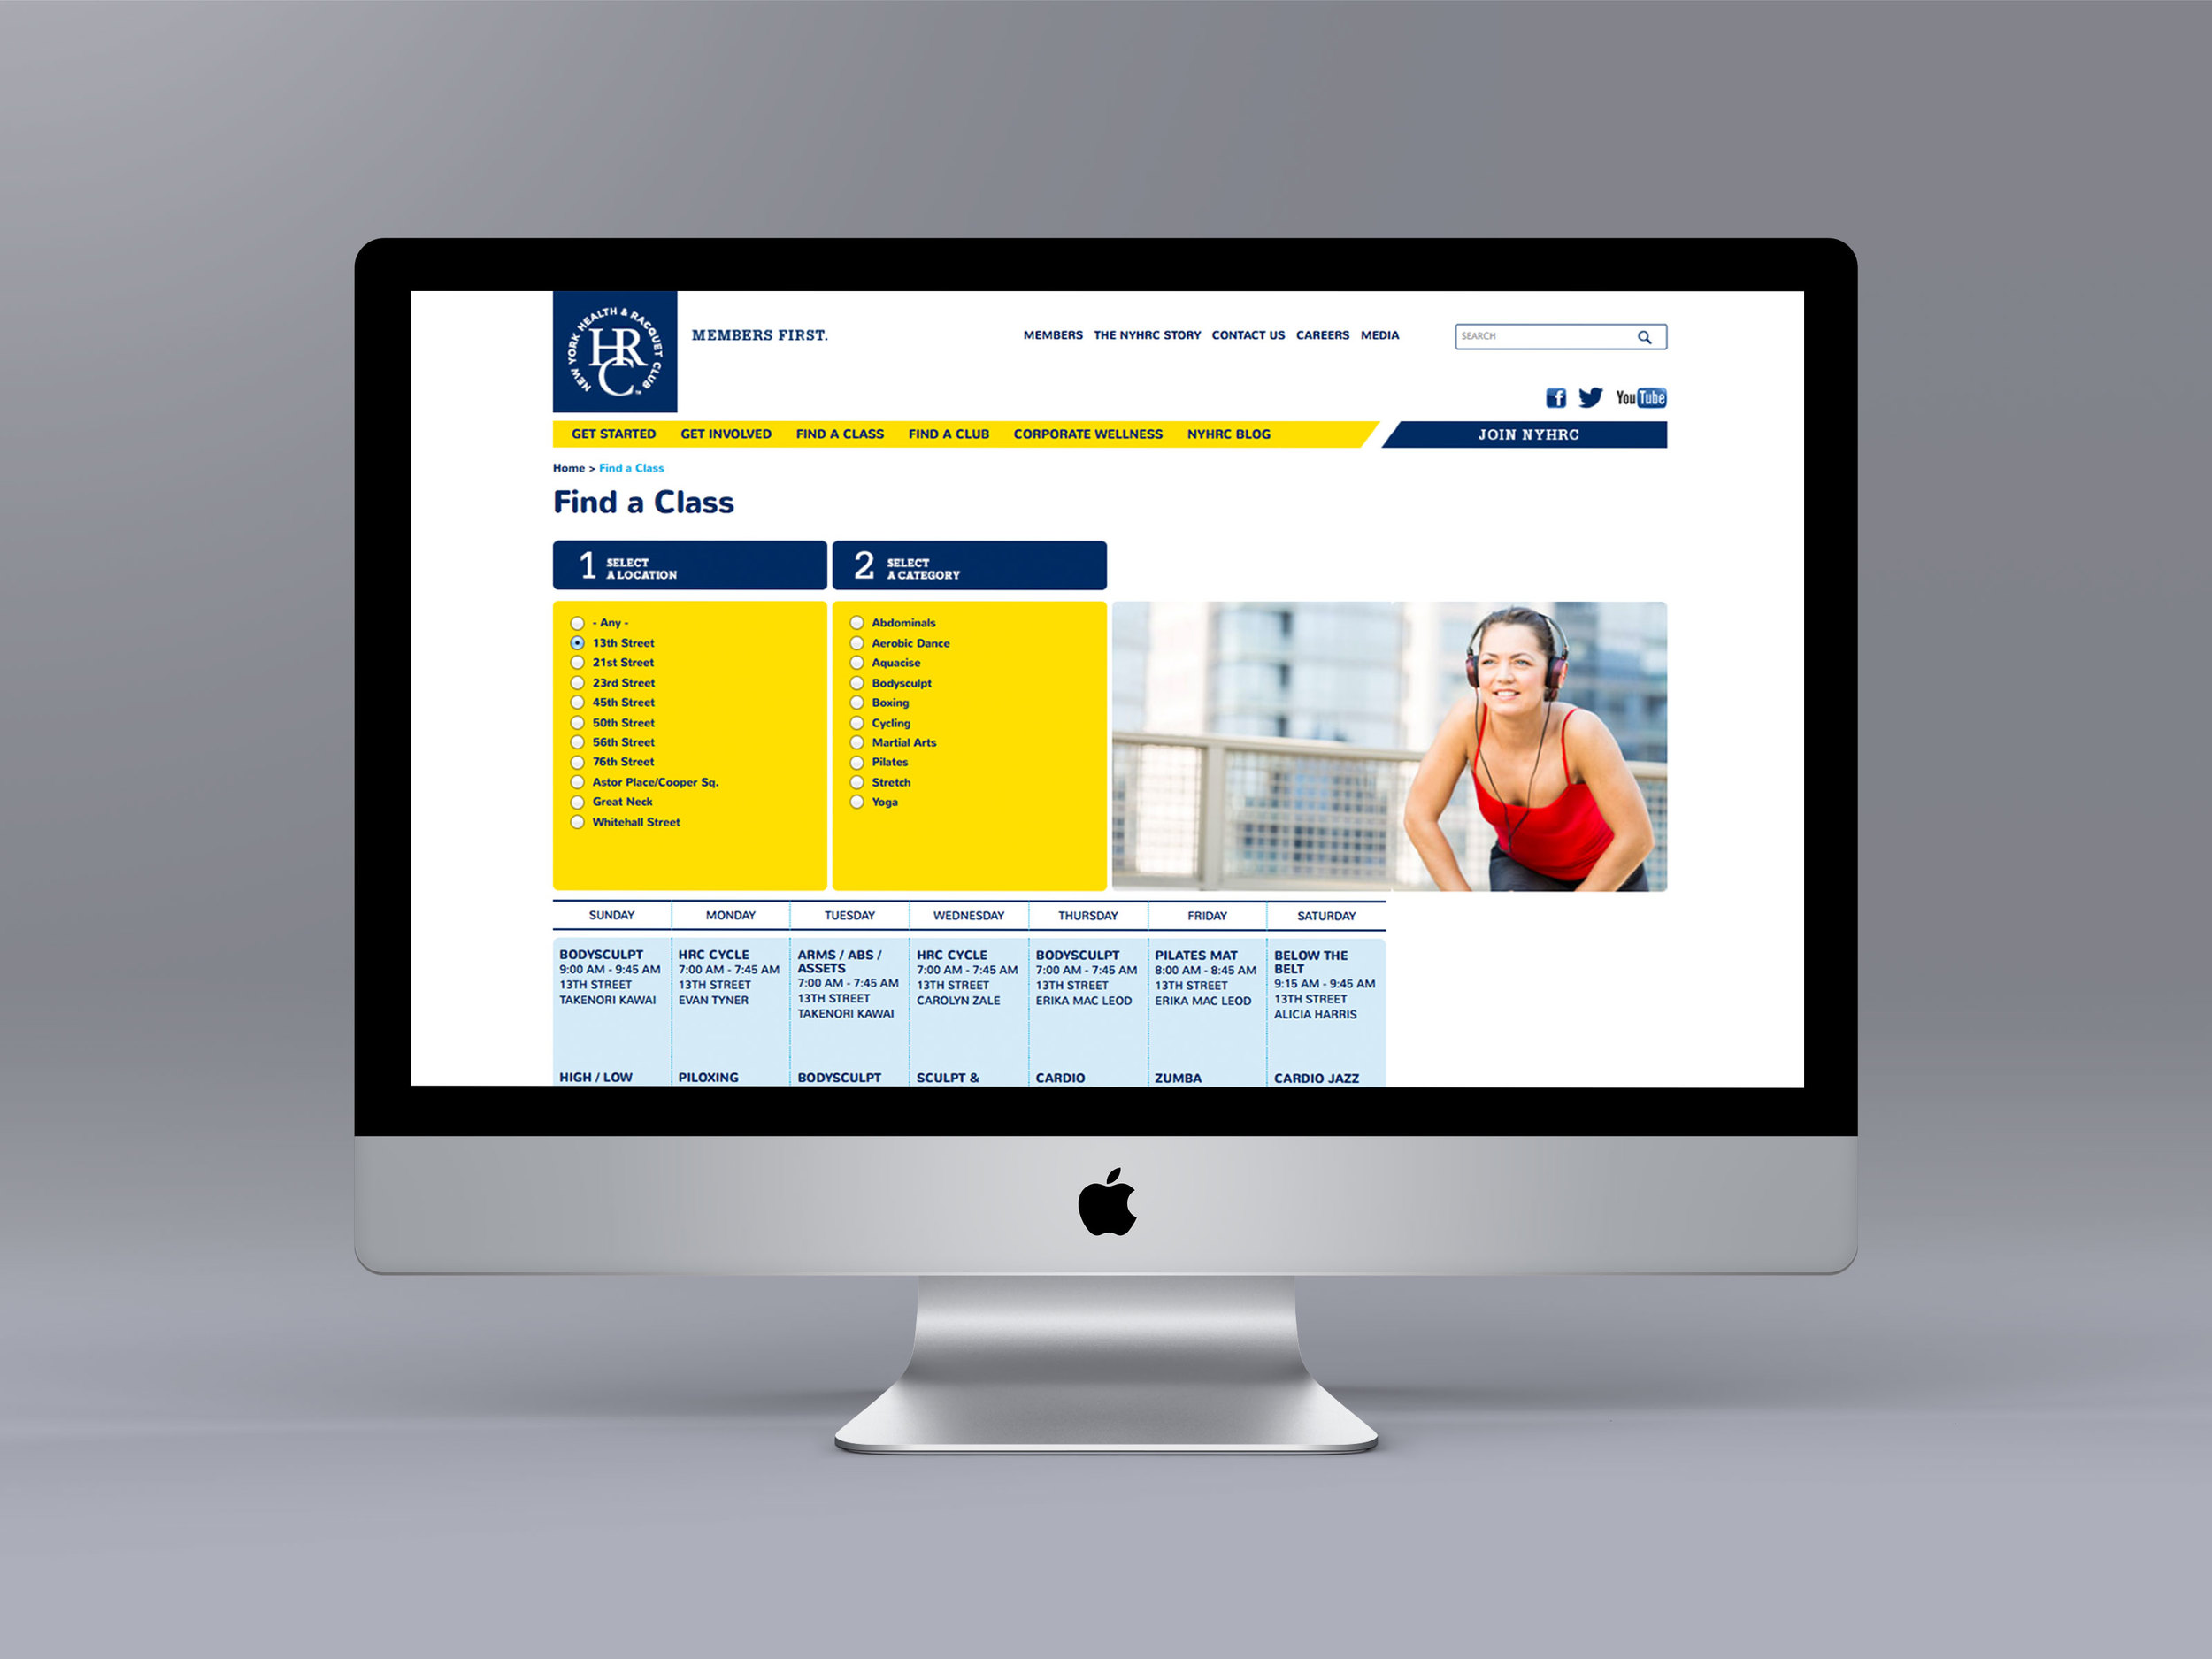 NYHRC_Website_Display002.jpg